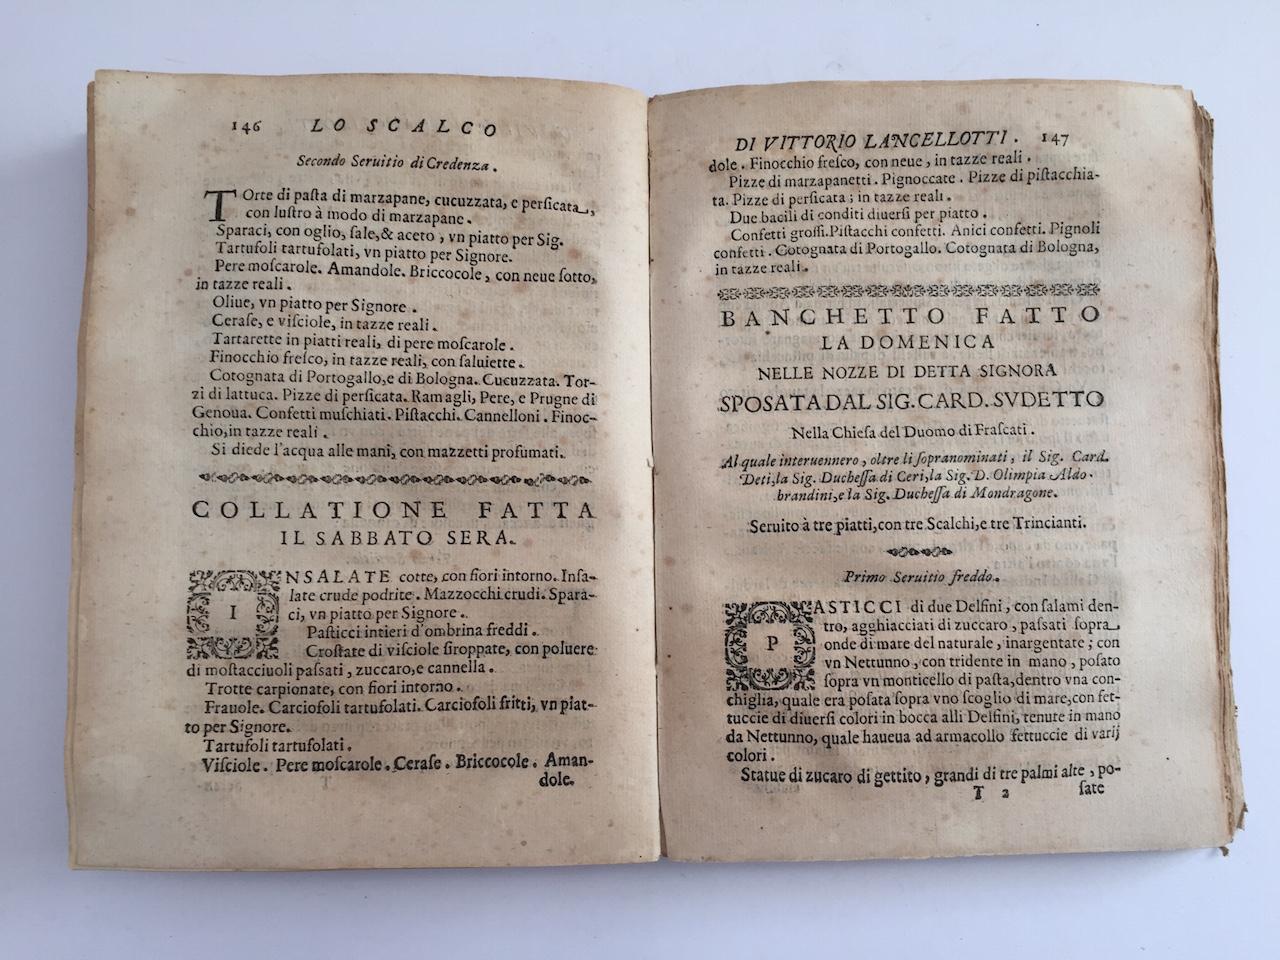 La Credenza Uk : L2037 lancellotti 6 u2013 sokol books